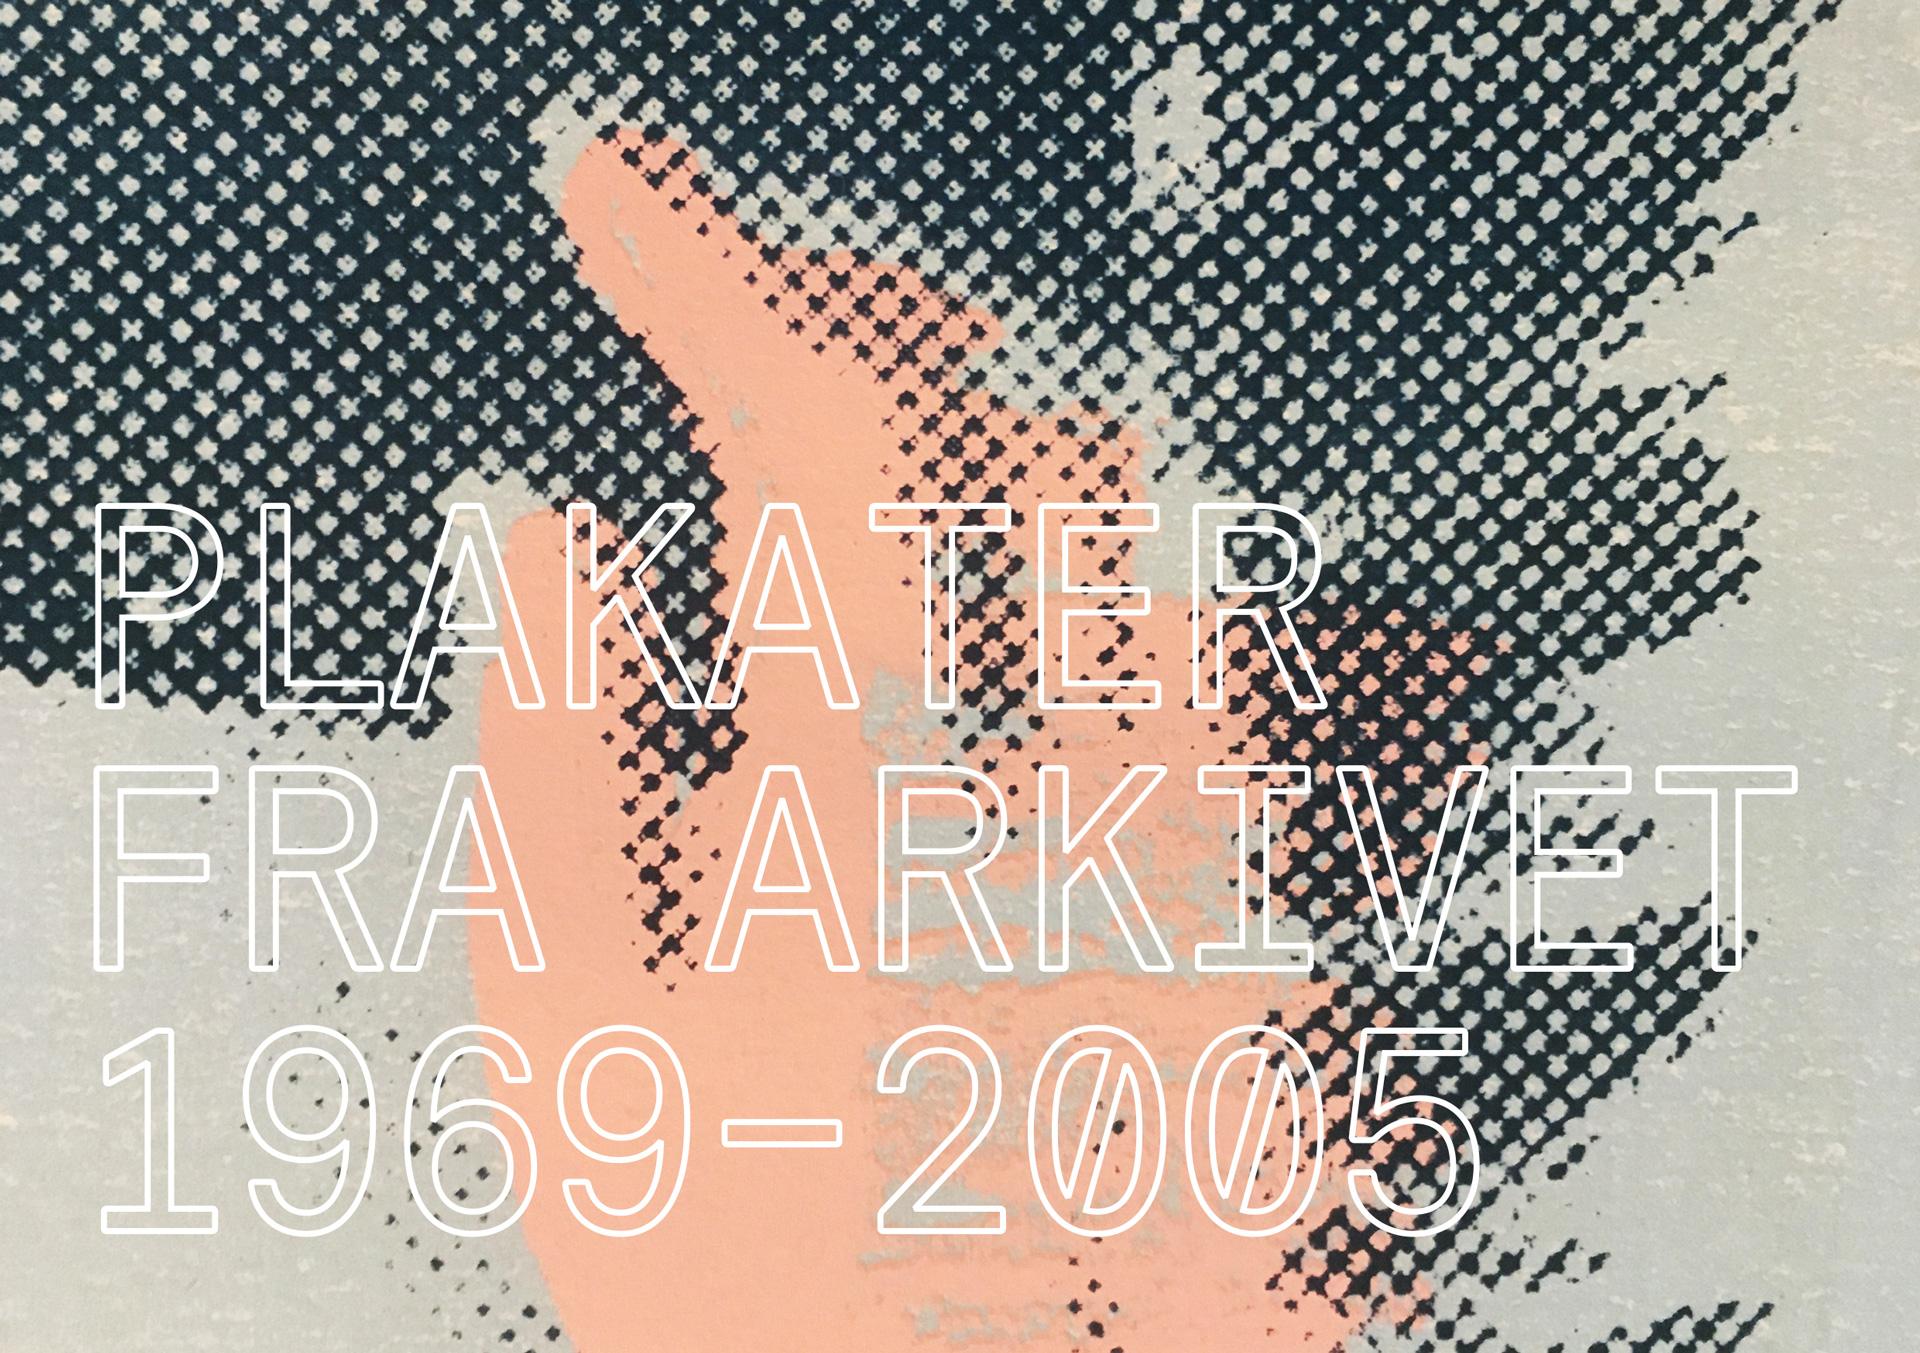 Plakater fra arkivet 1969-2005